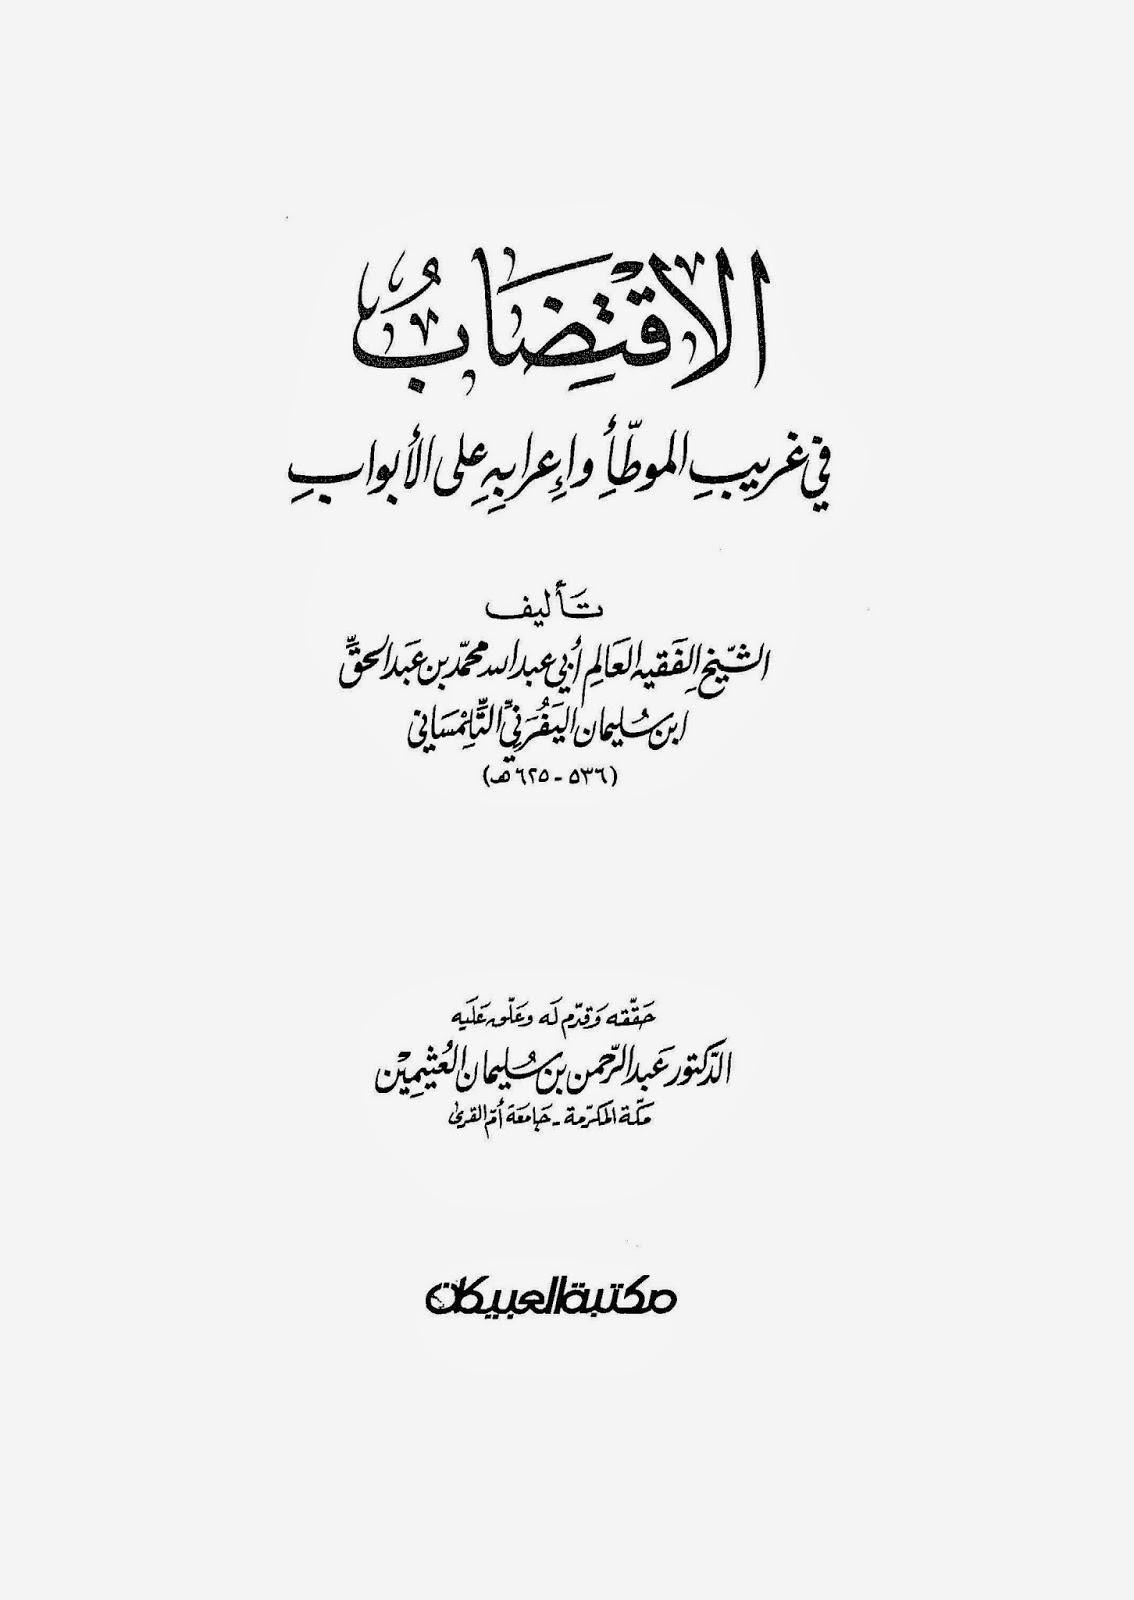 الاقتضاب في غريب الموطا وإعرابه على الأبواب - محمد بن عبد الحق اليفرني التلمساني